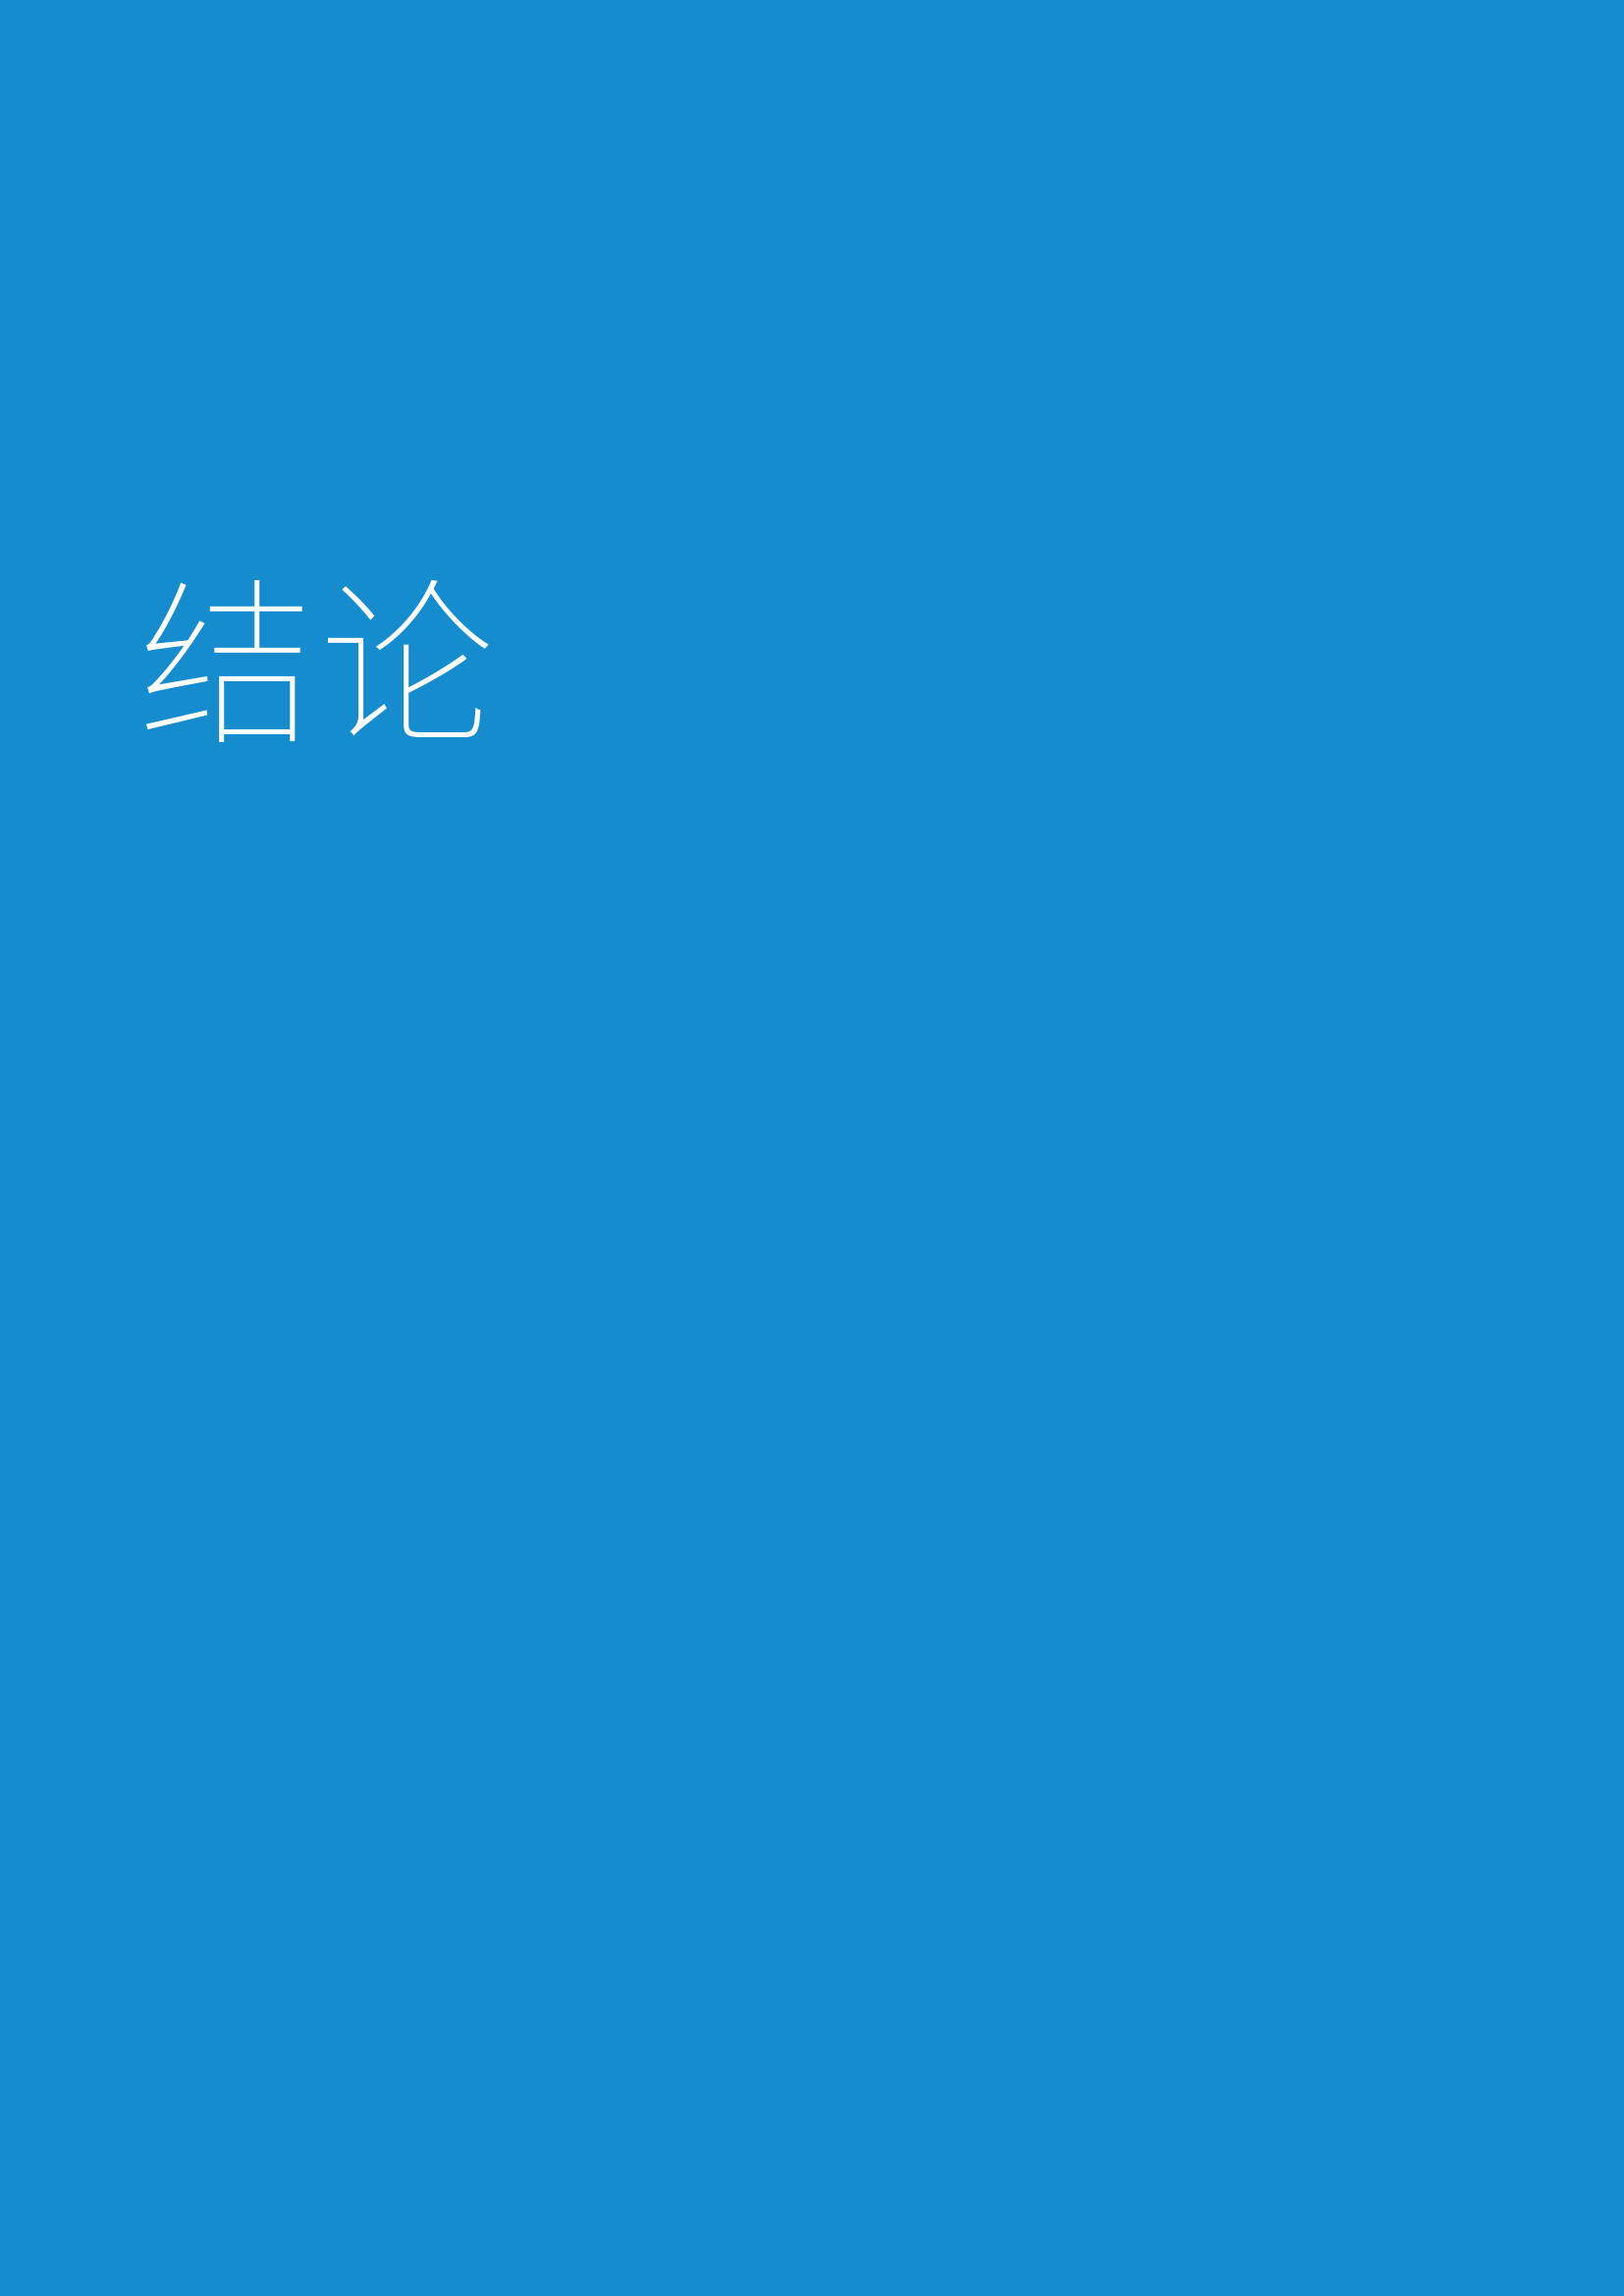 亚太地区网络替代金融基准报告_000086